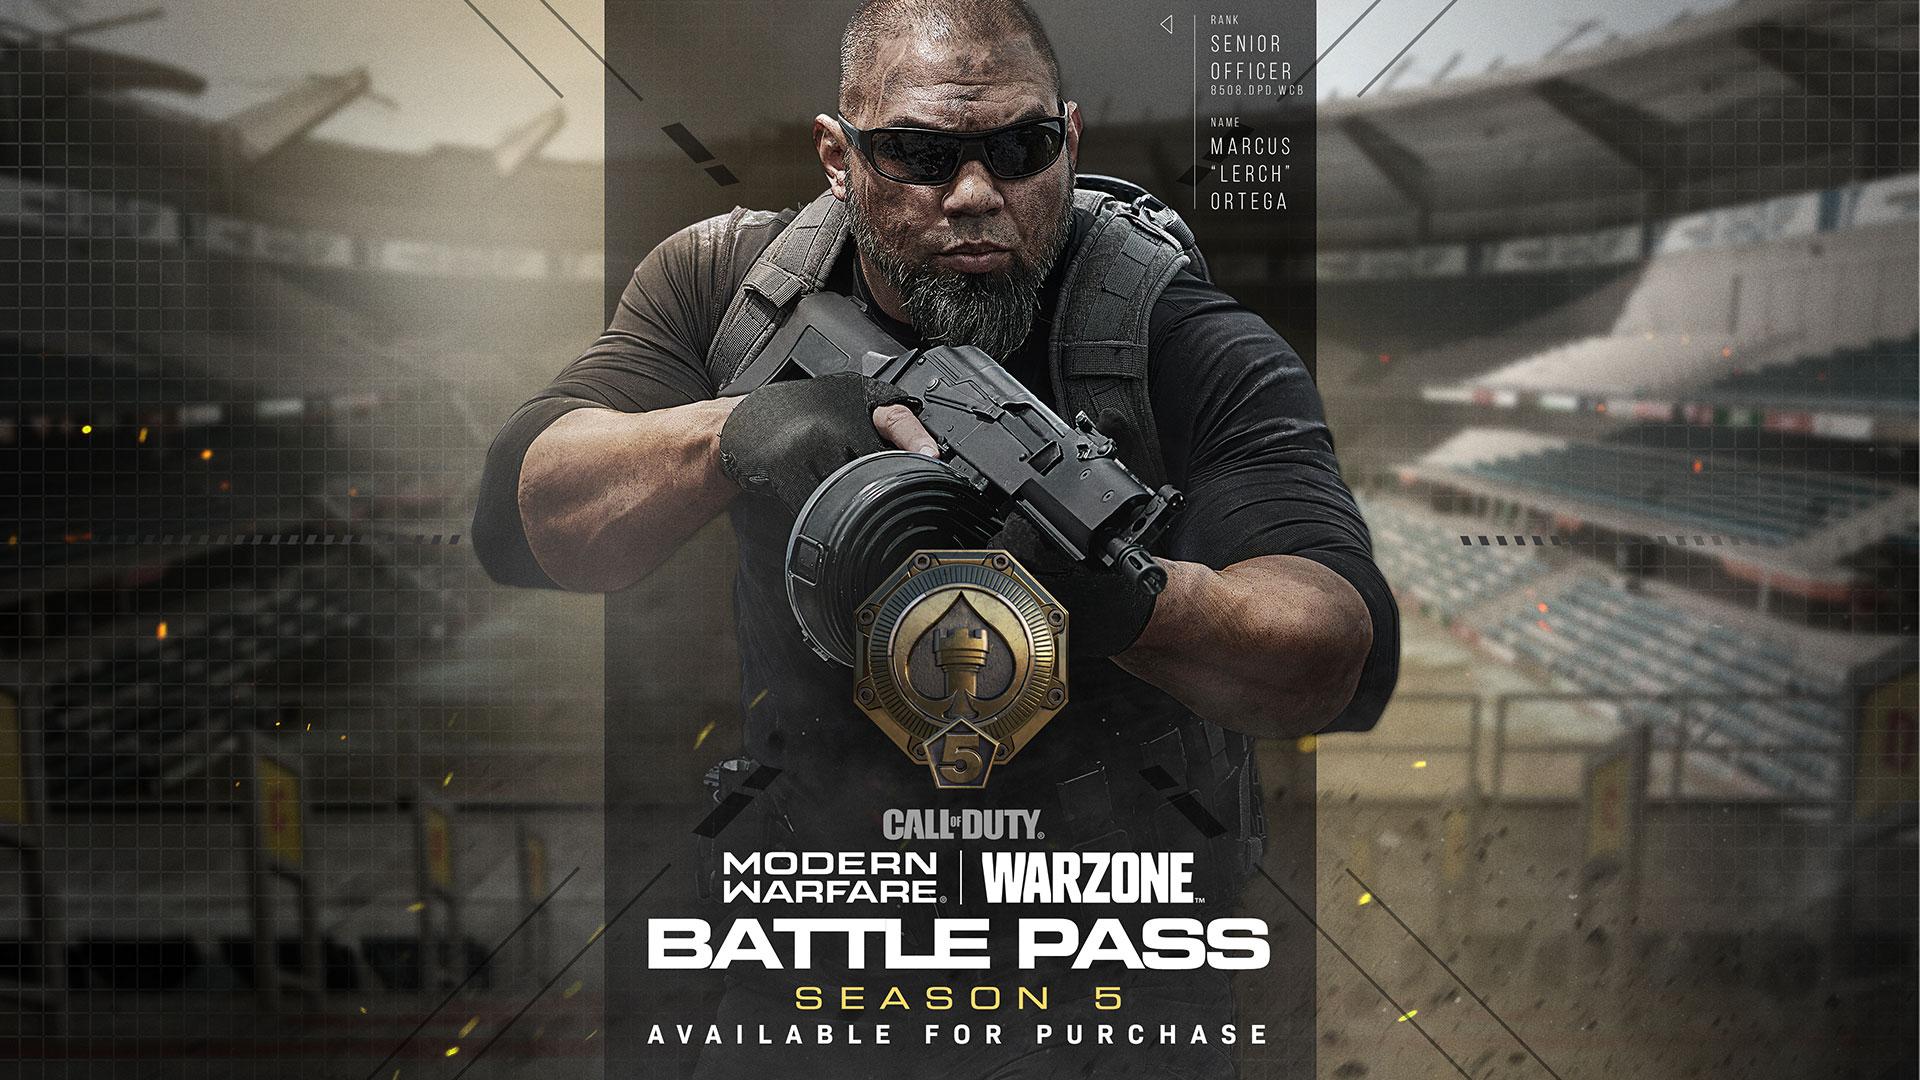 《使命召唤16:现代战争》与战区第五赛季通行证预告片公开